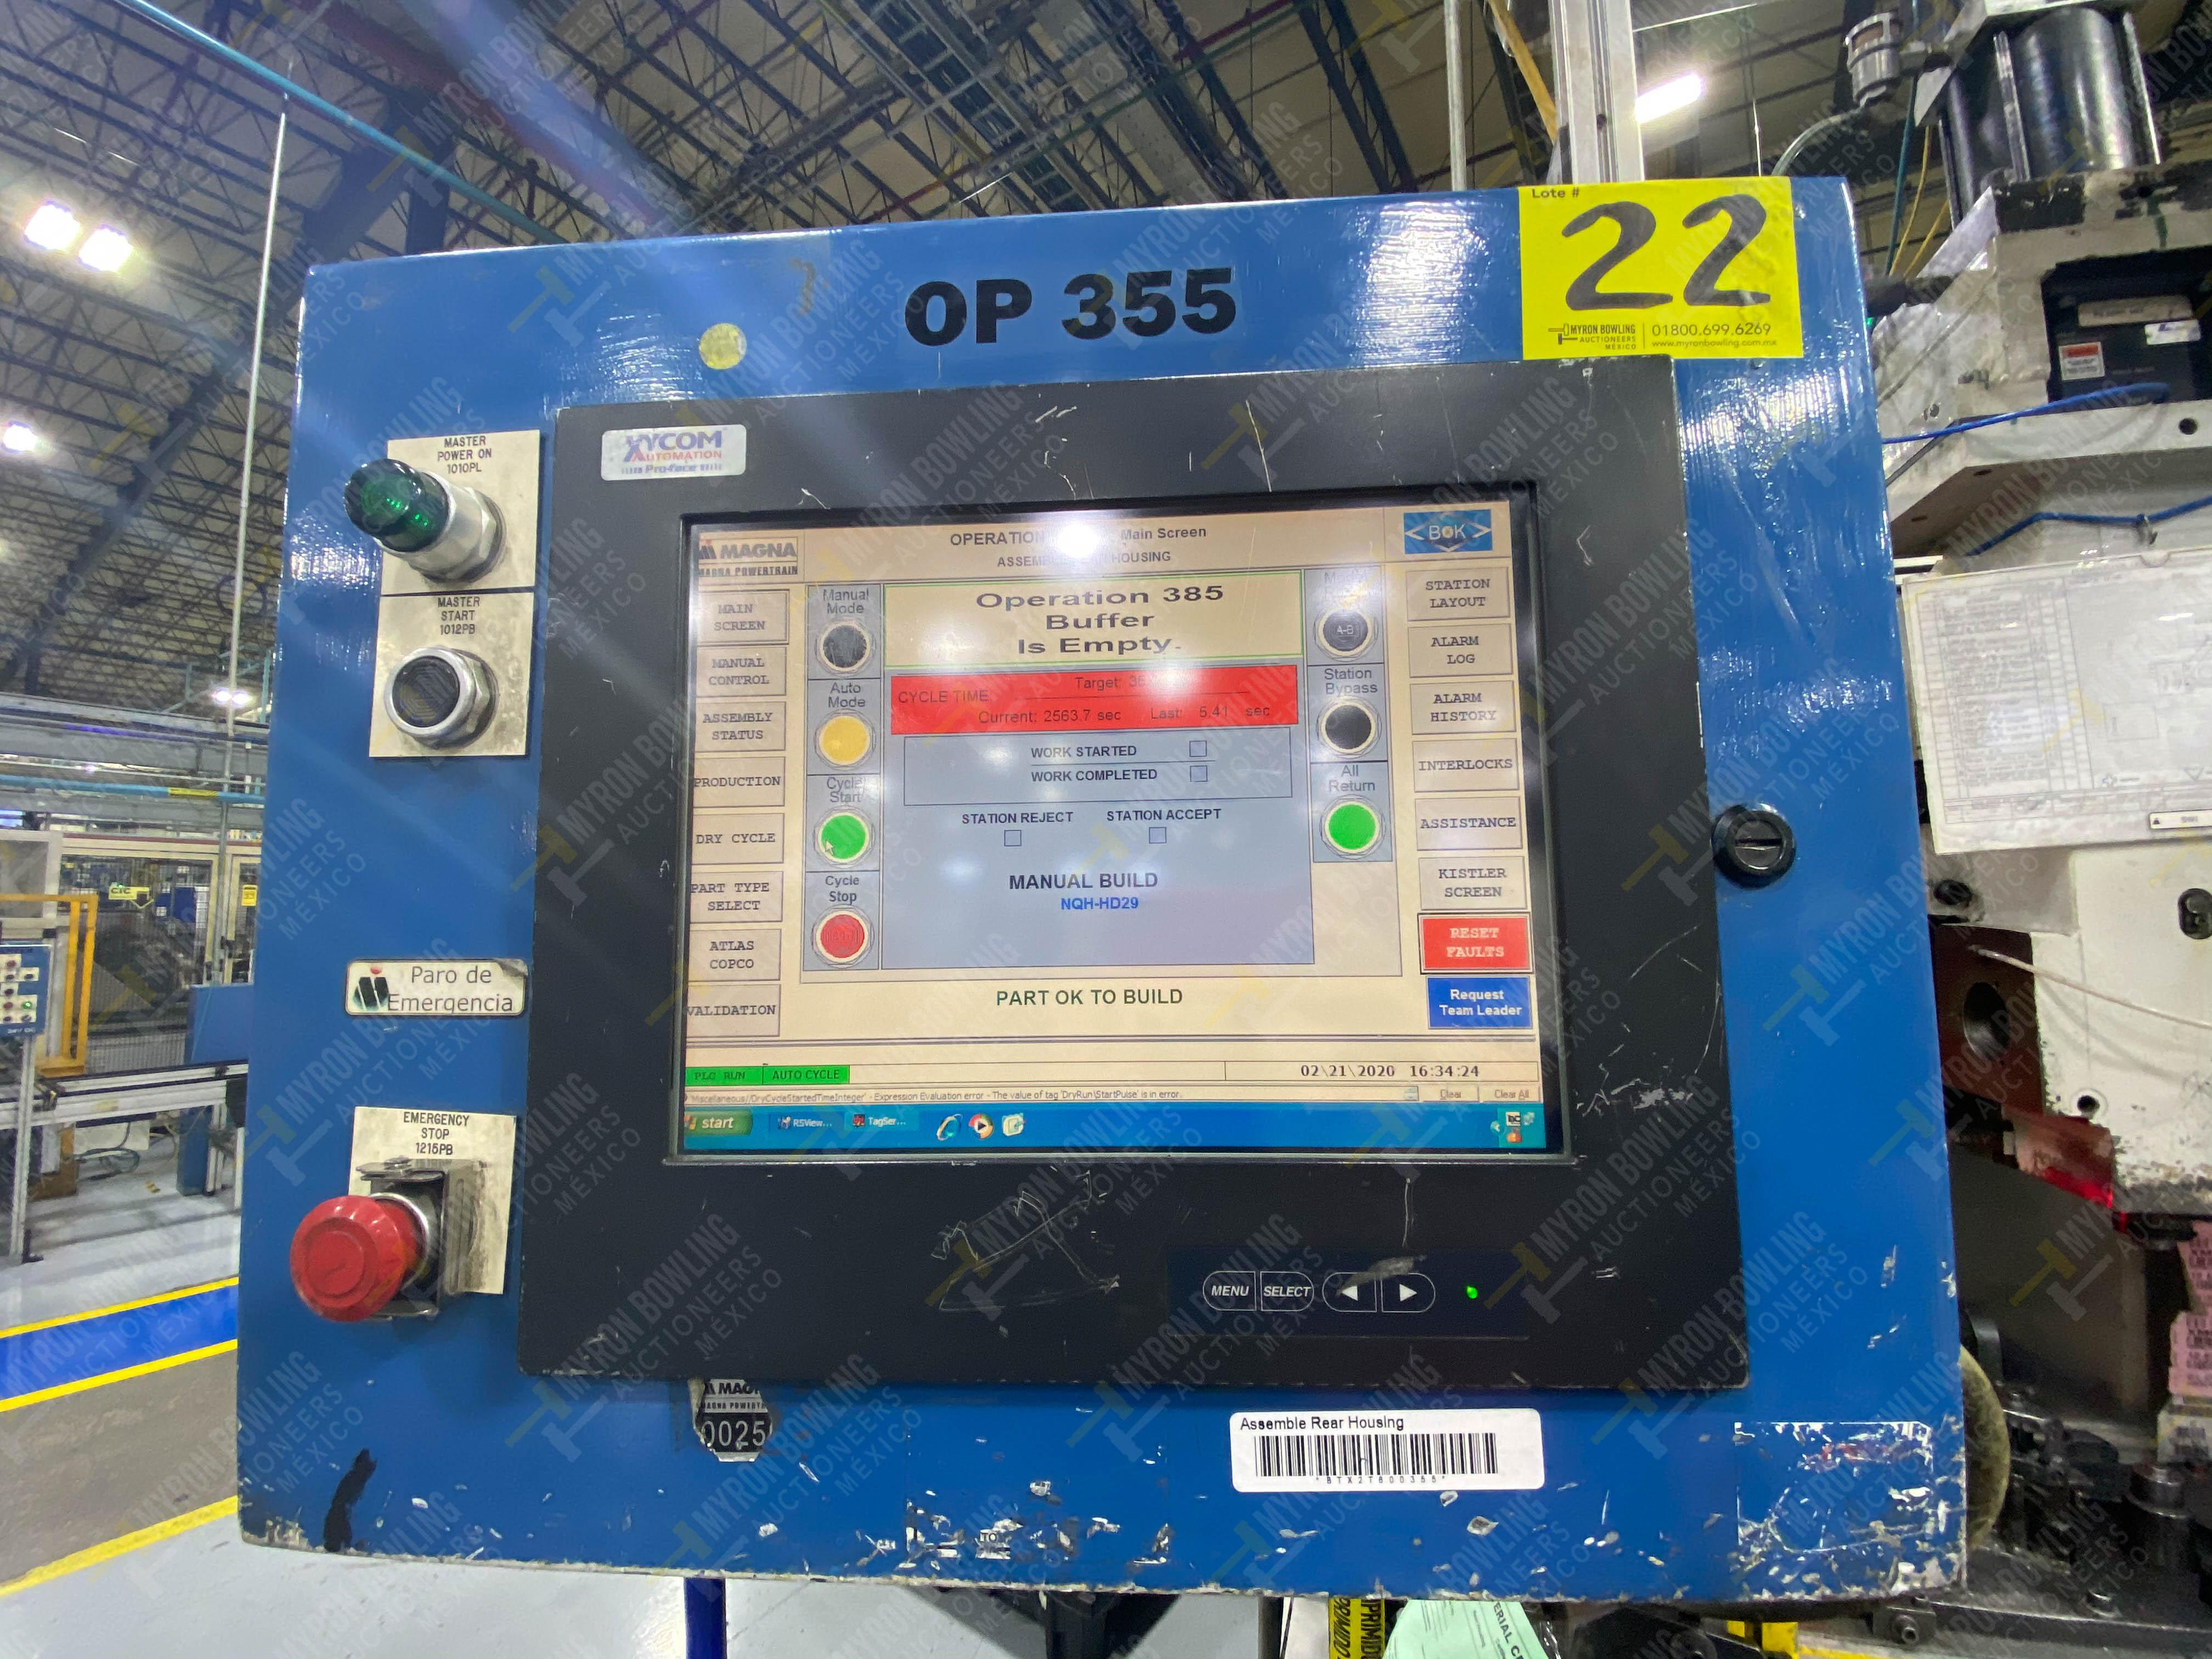 Estación semiautomática para operación 355A, contiene: Prensa en estructura de placa de acero - Image 32 of 36